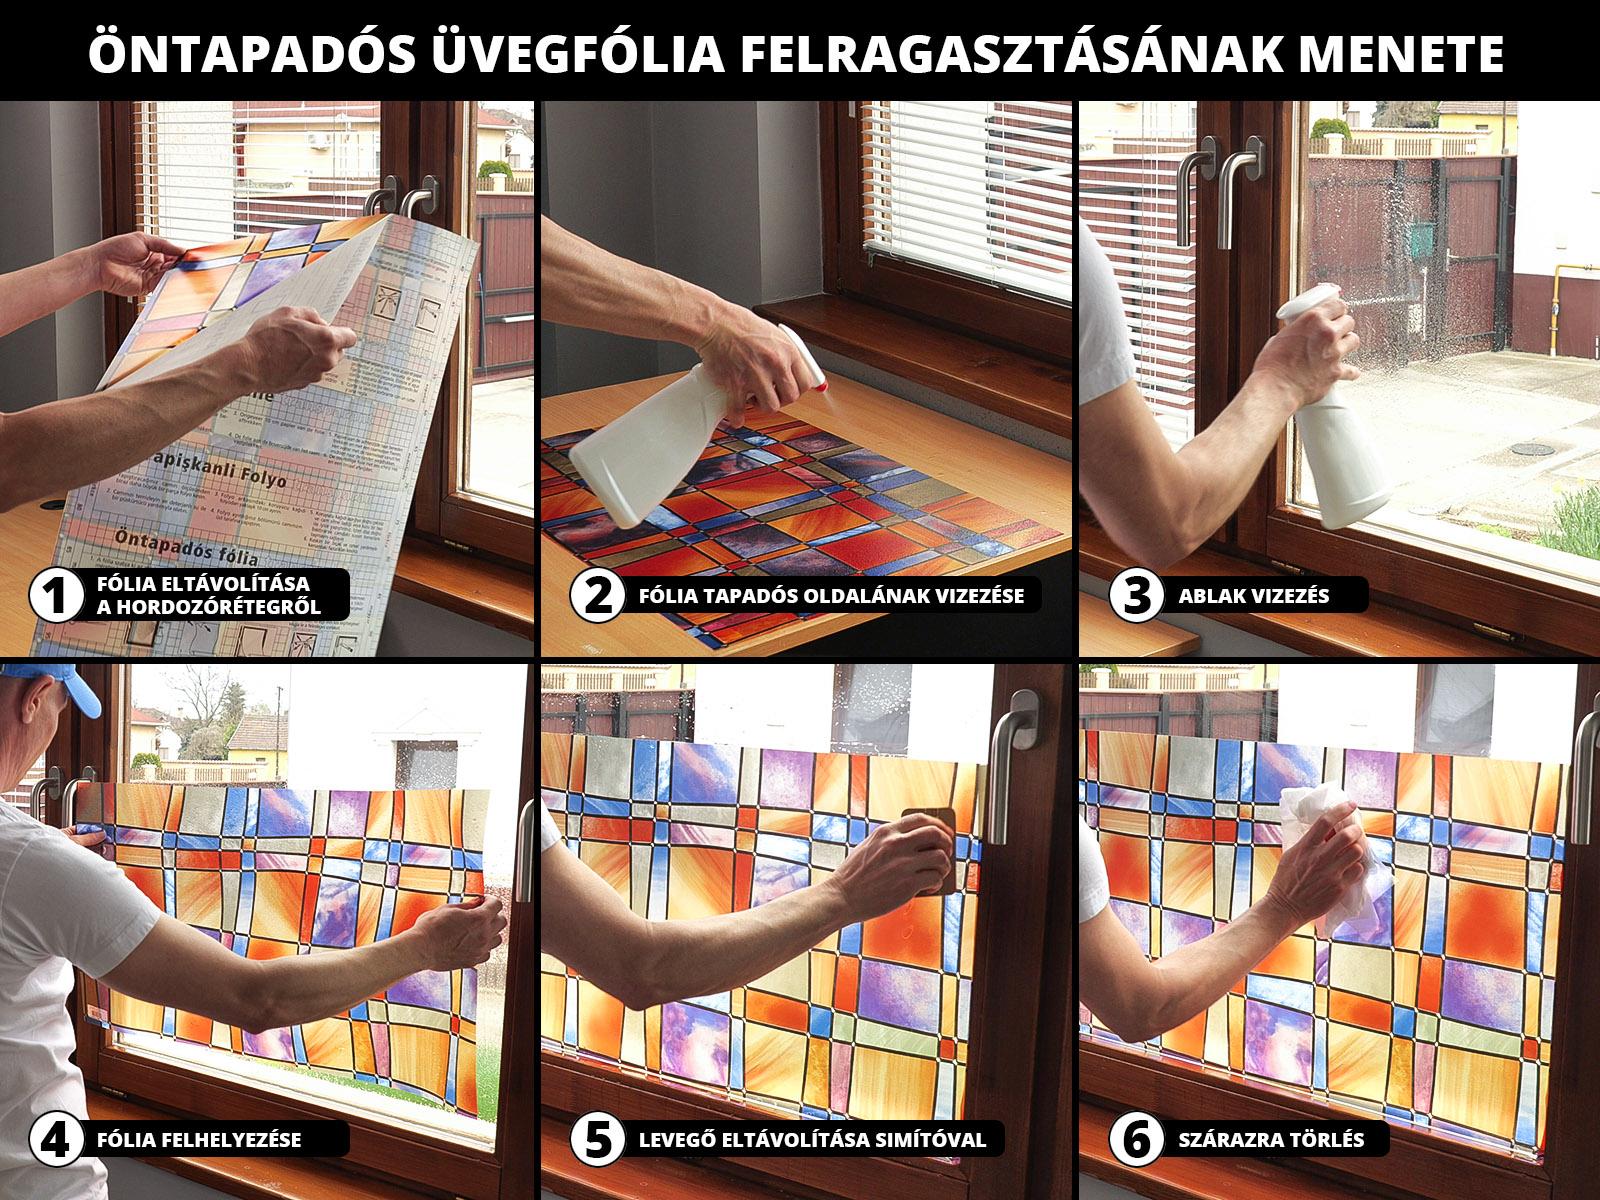 Néhány lépésben, néhány perc alatt elvégezhető az ablakfóliák felragasztása.